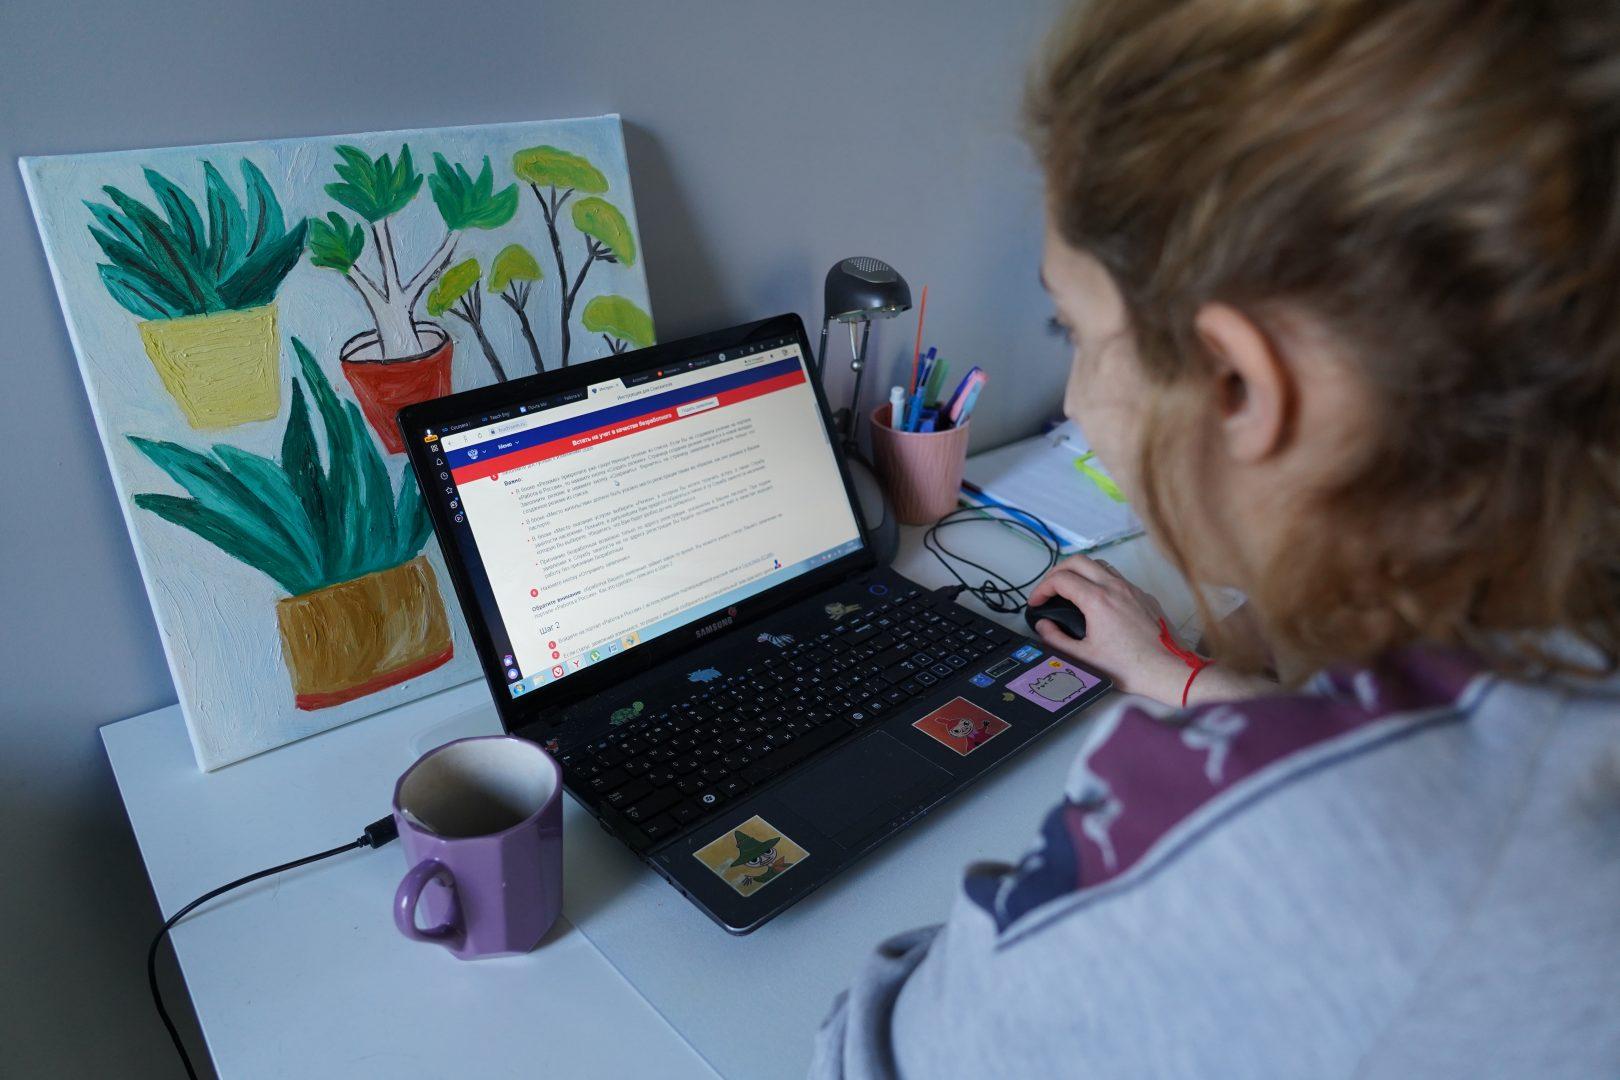 Ежедневно к урокам подключаются более 600 тысяч учеников и учителей. Фото: Денис Кондратьев, «Вечерняя Москва»